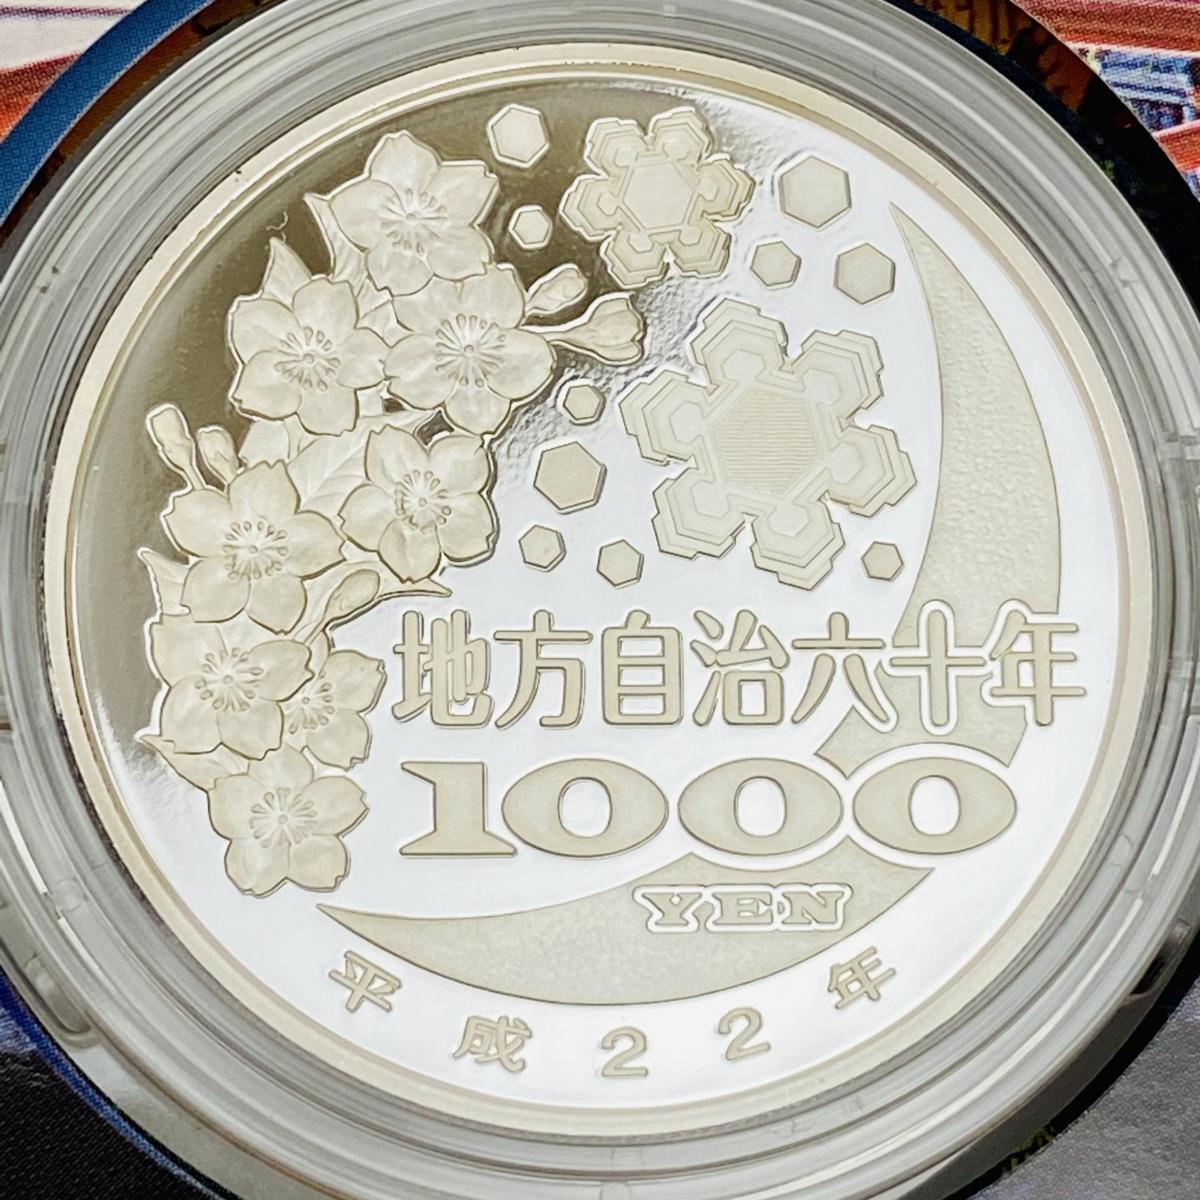 2010年(平成22年) 地方自治法施行60周年記念 高知県 地方 1000円 千円 銀貨 プルーフ Aセット 銀約31.1g 硬貨未使用 美品 造幣局 同梱可